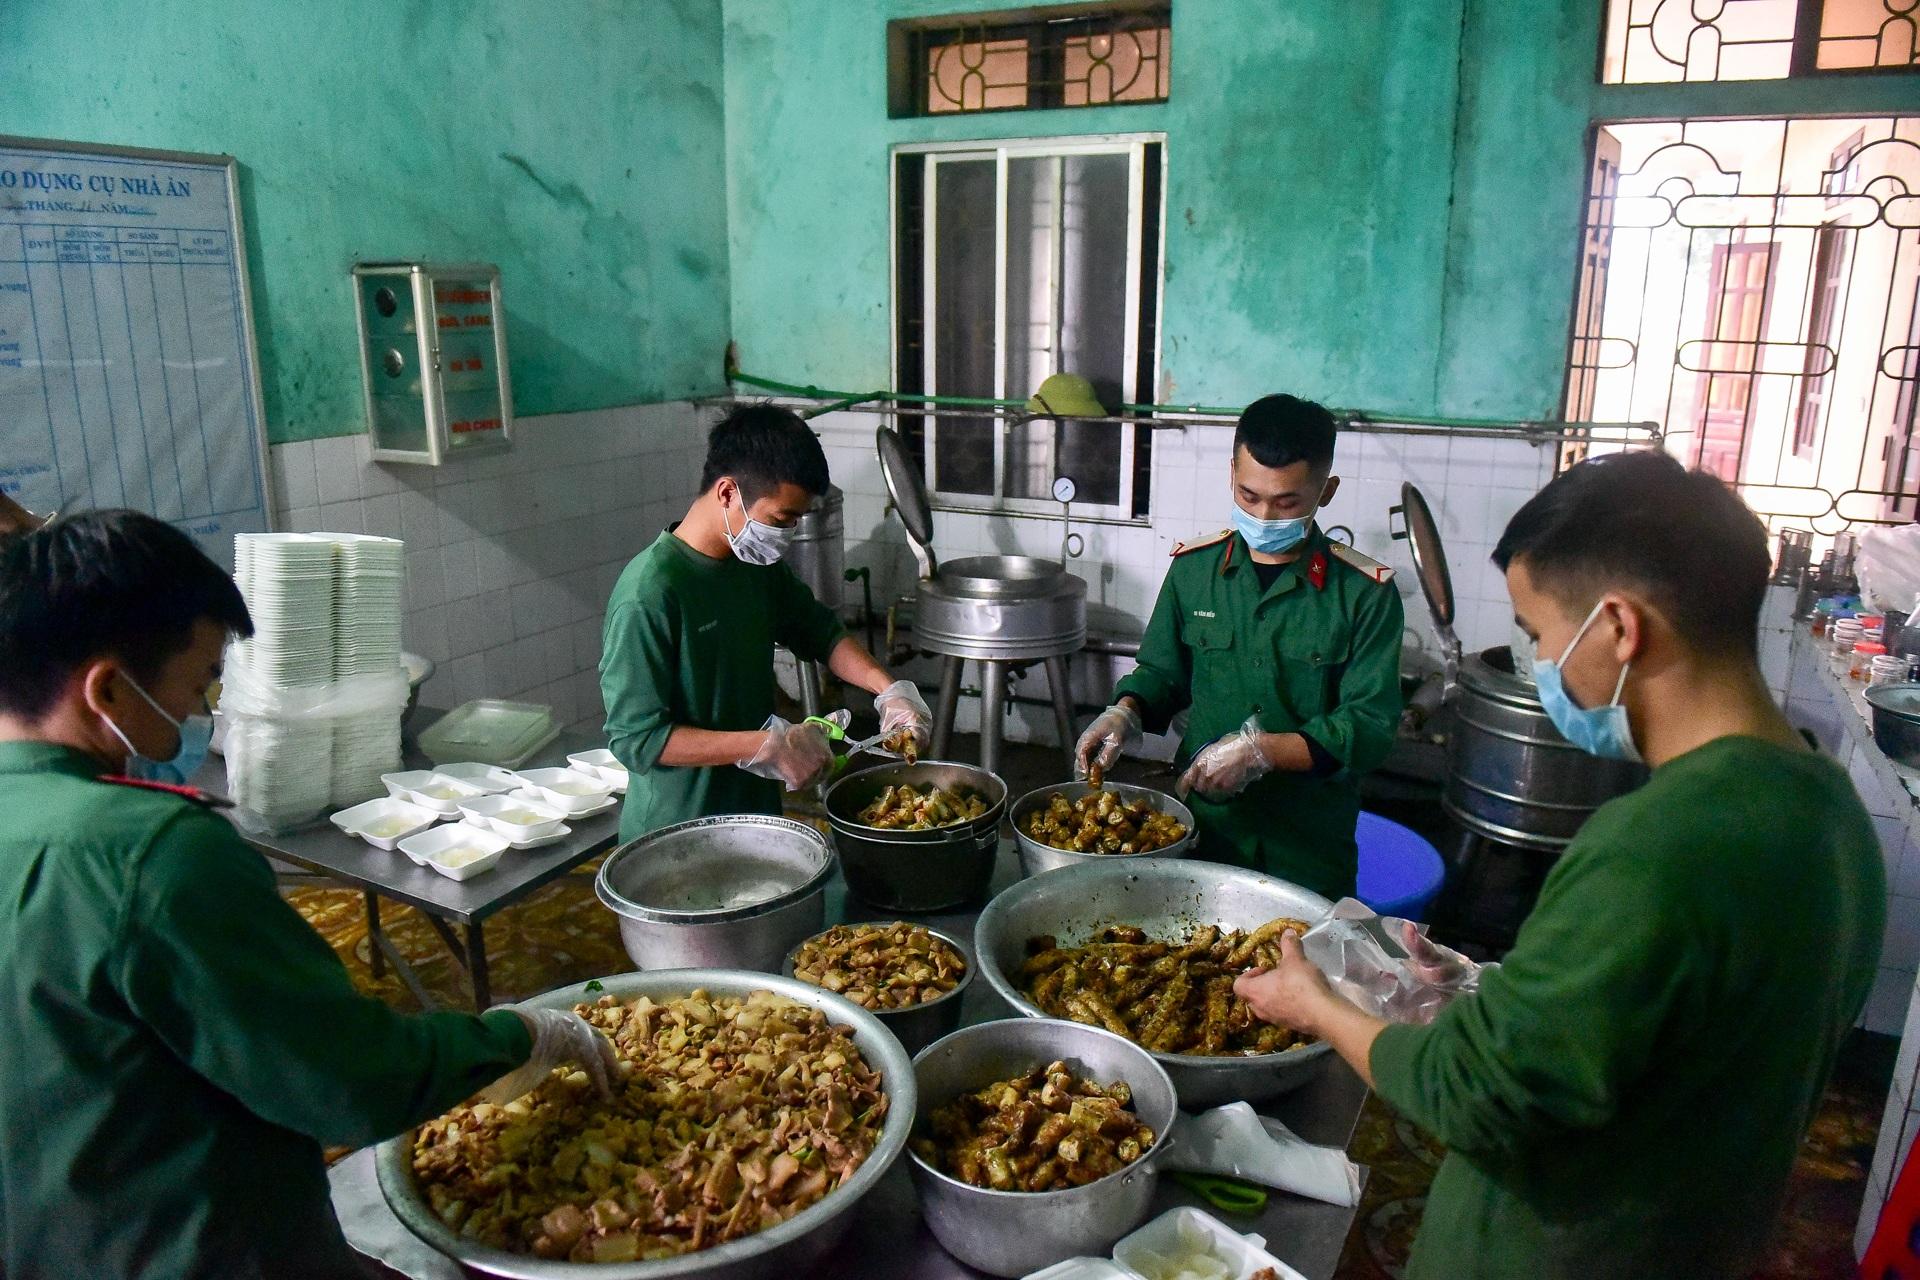 Chiến sĩ vội vã chuẩn bị hàng trăm suất cơm trong khu cách ly tại Lạng Sơn - 4